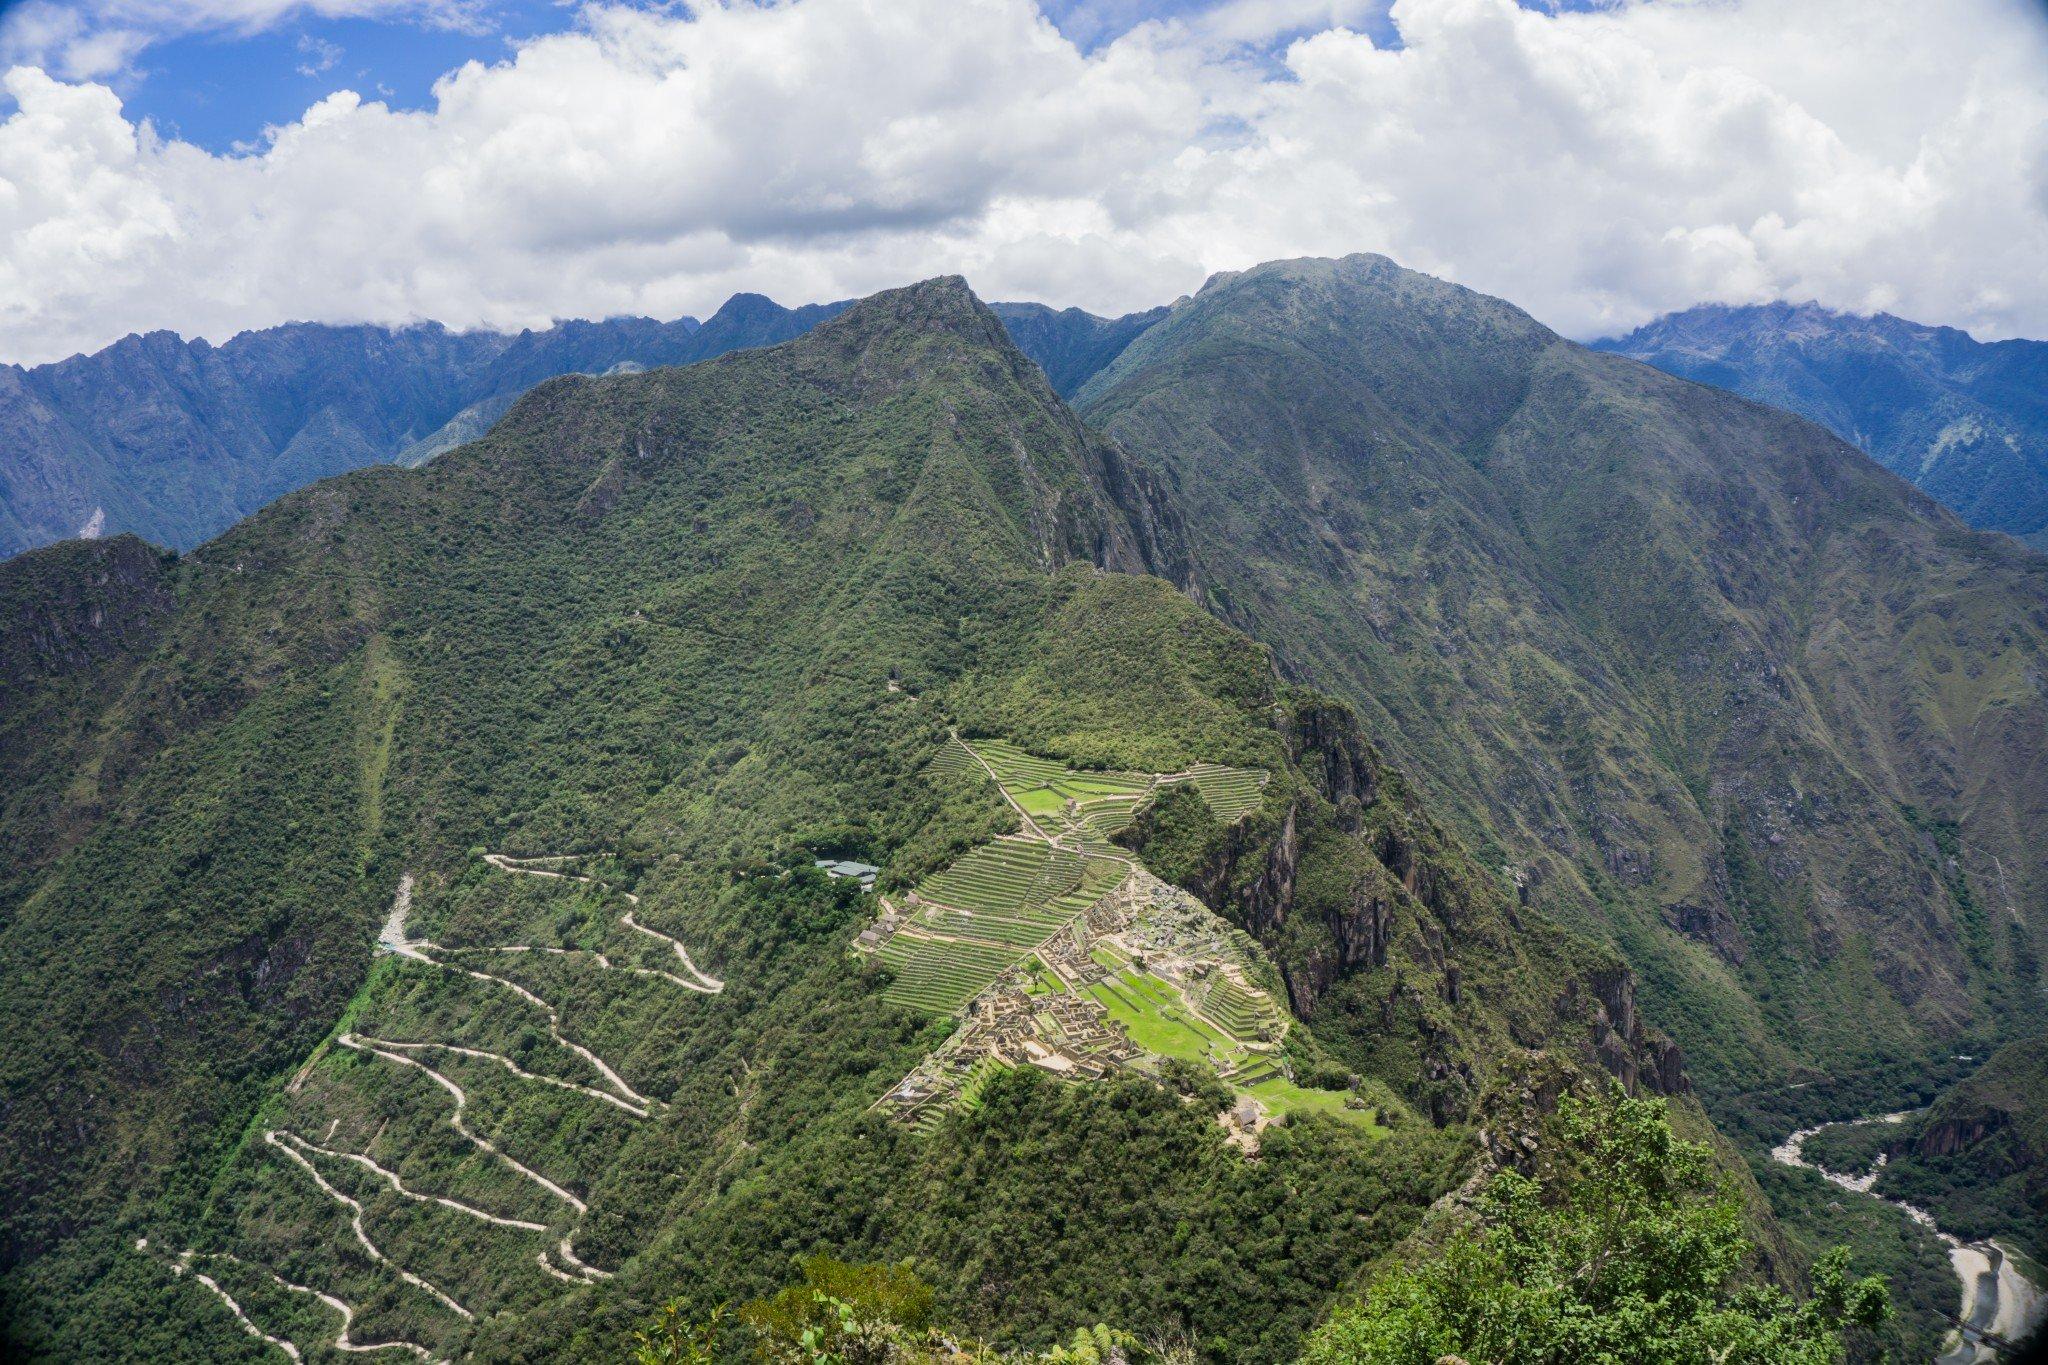 Views Machu Picchu from Huaynu Picchu